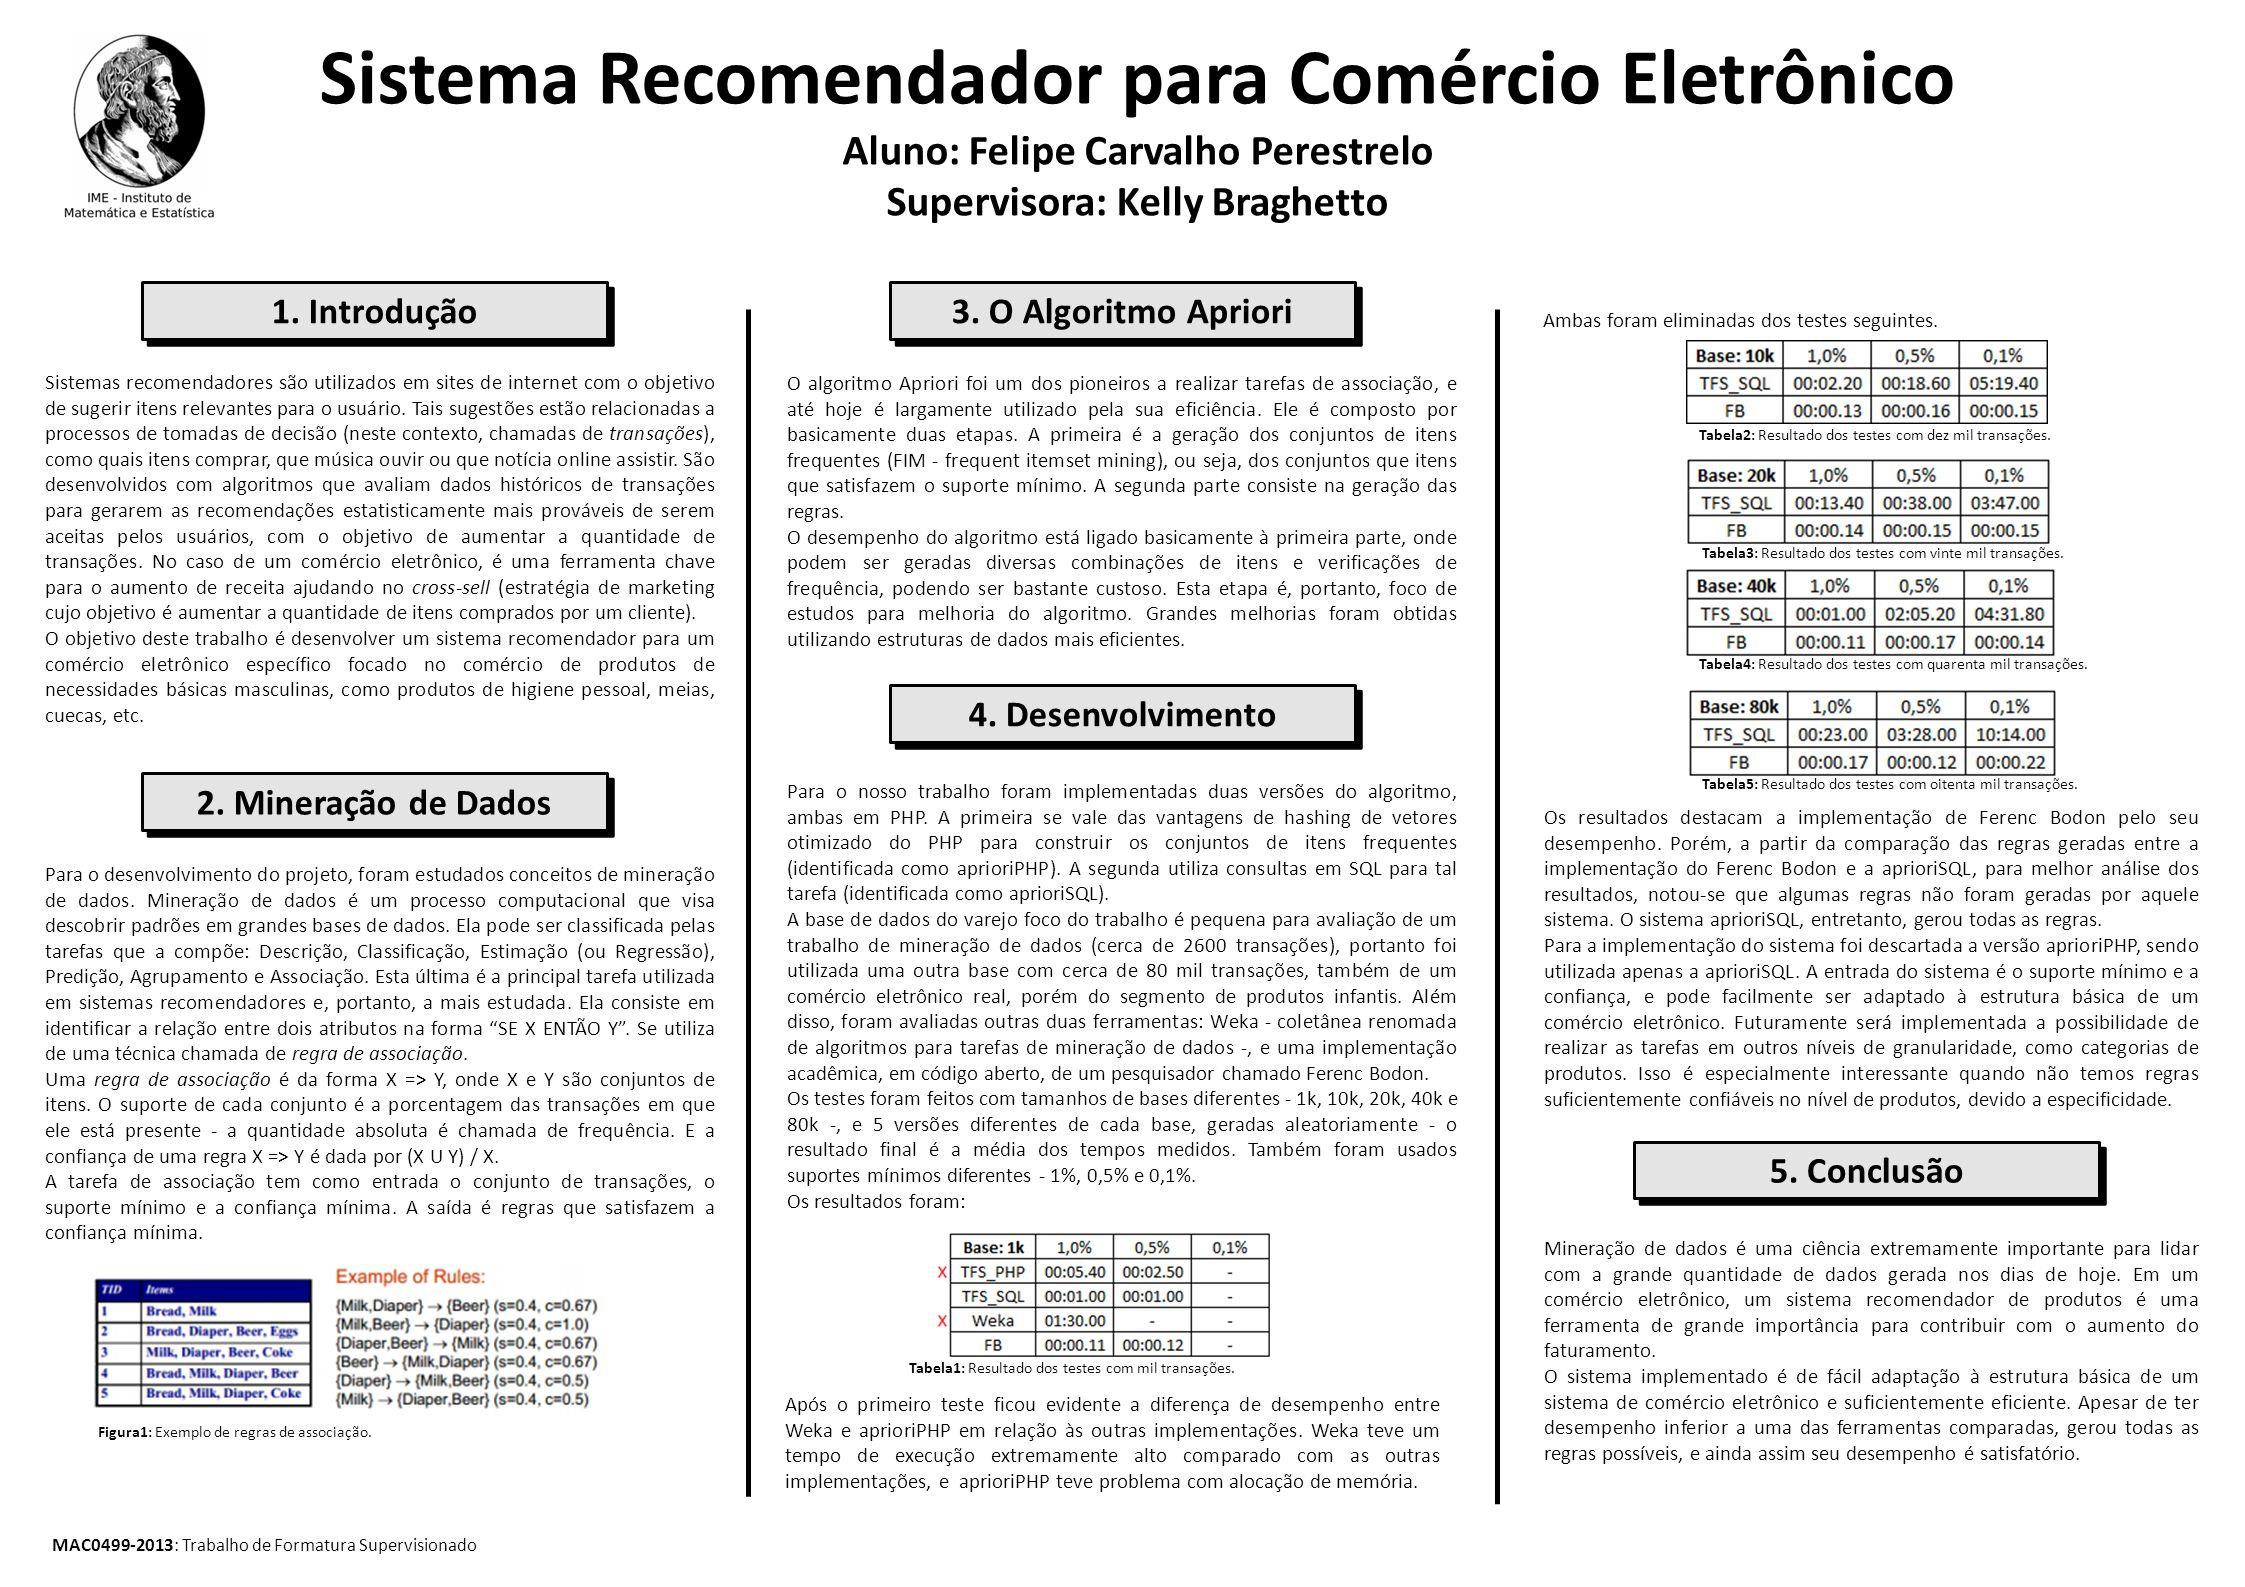 Sistema Recomendador para Comércio Eletrônico Aluno: Felipe Carvalho Perestrelo Supervisora: Kelly Braghetto 1. Introdução Sistemas recomendadores são